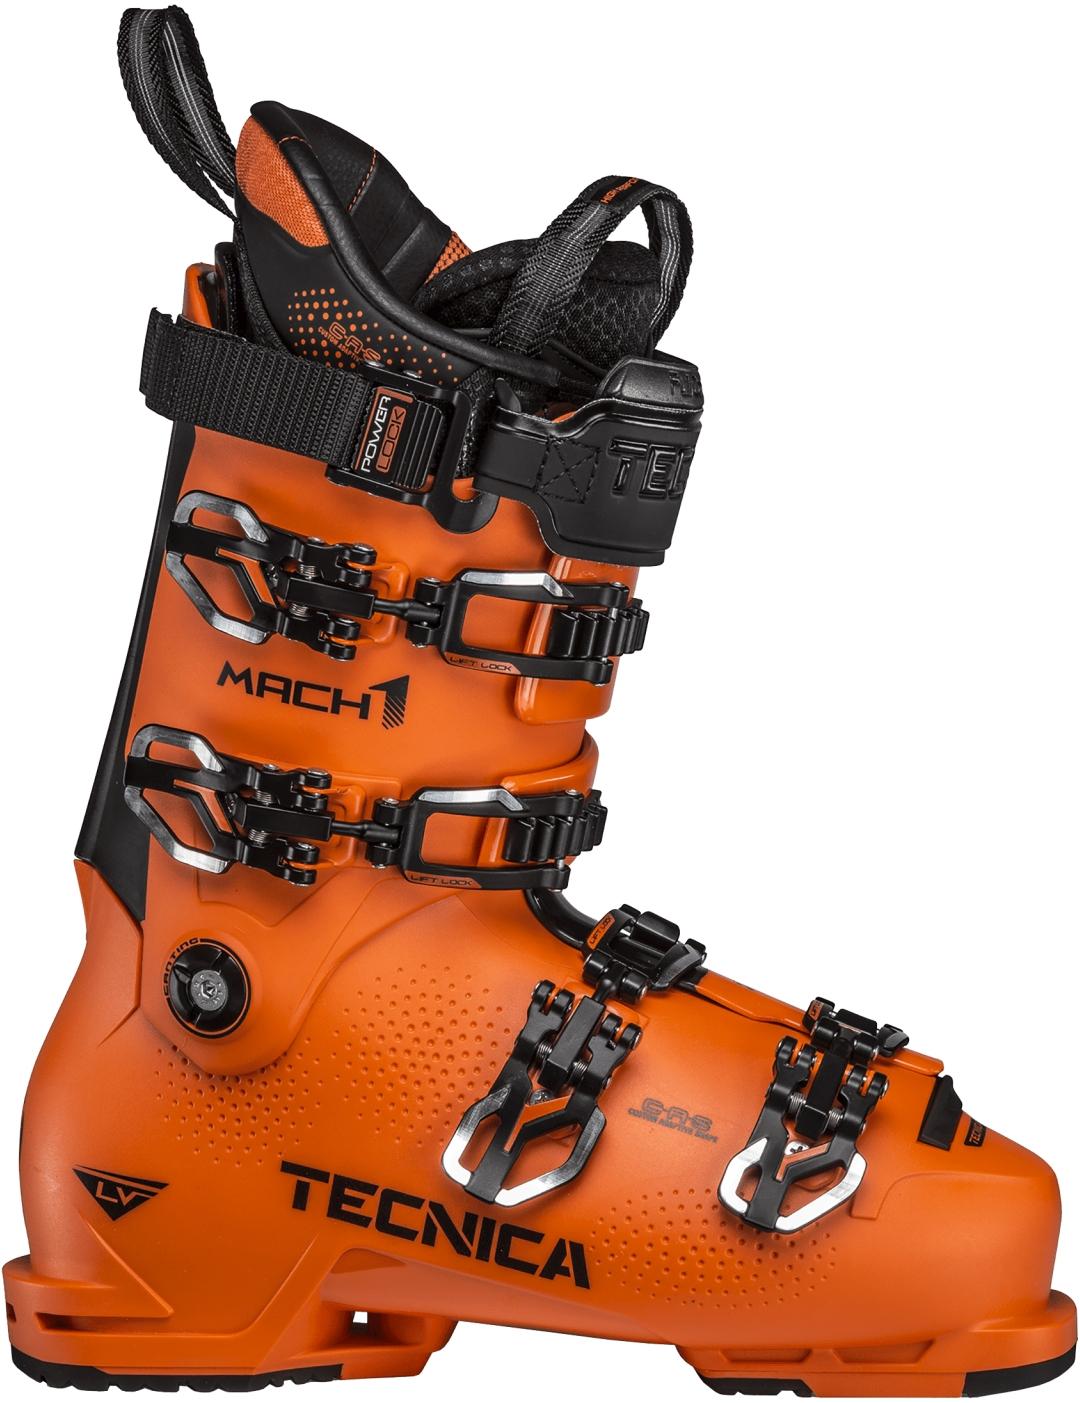 Tecnica Mach1 LV 130 - ultra orange 285